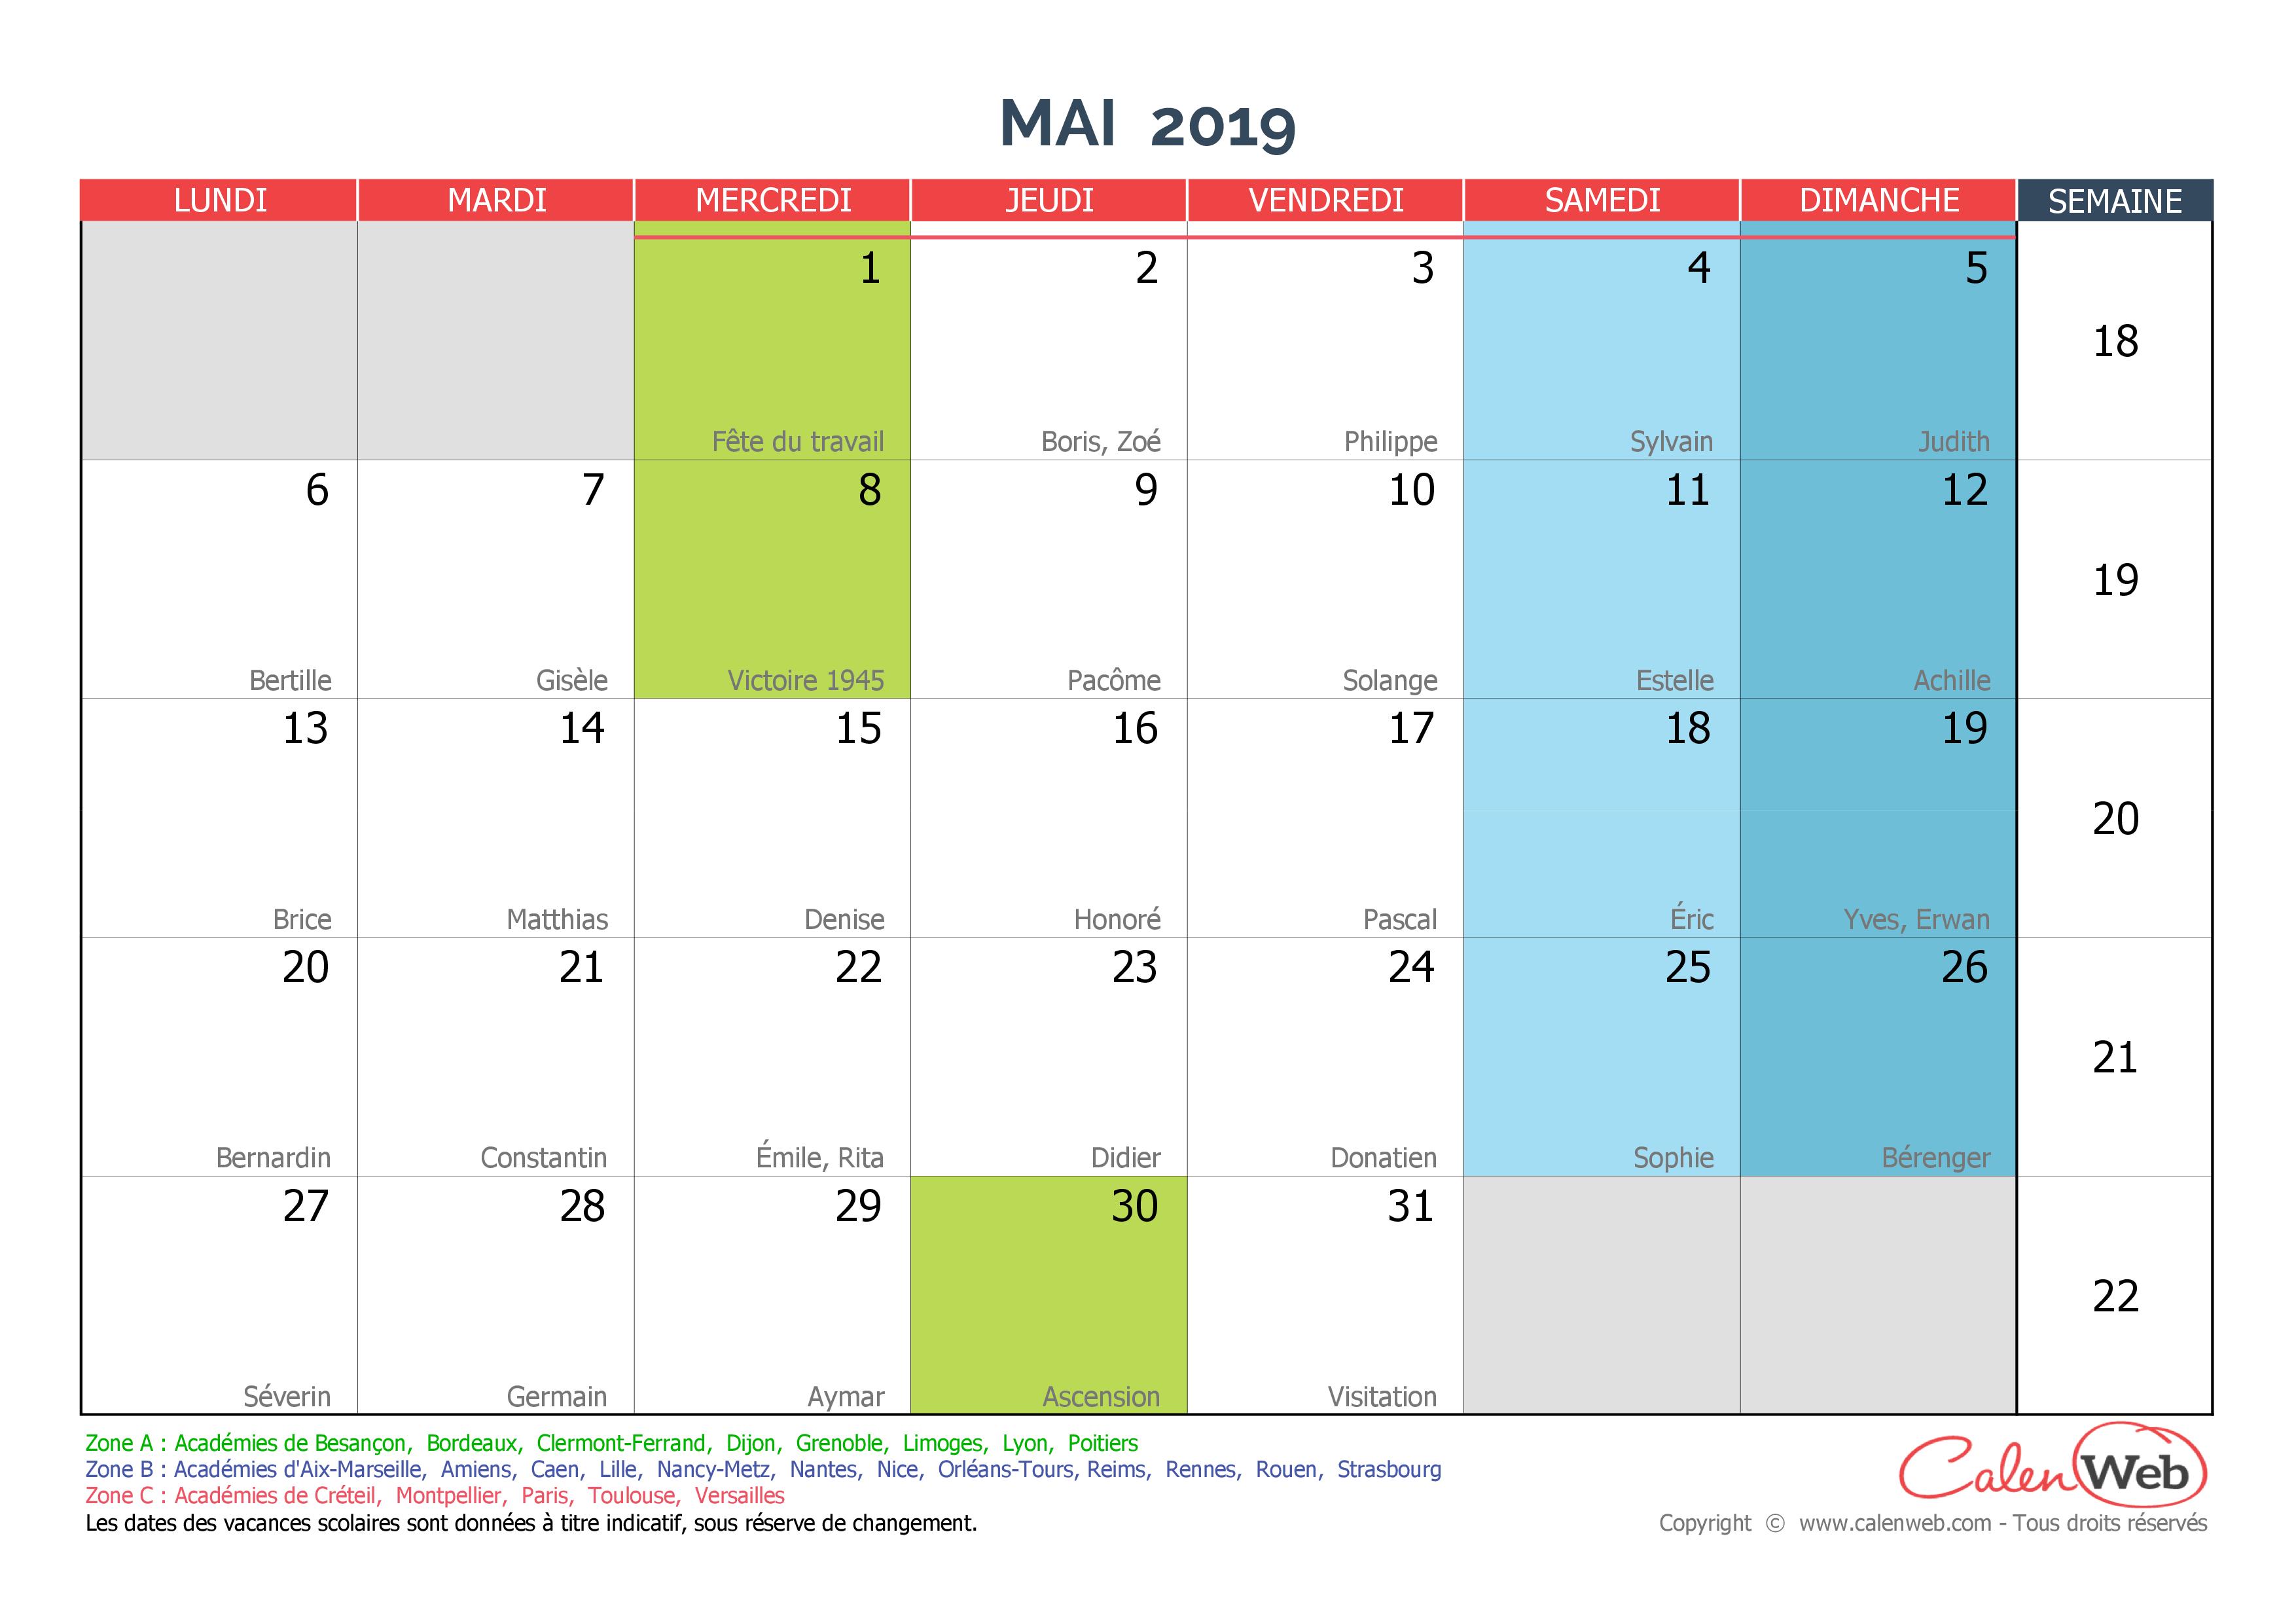 Calendrier Mai2019.Calendrier Mensuel Mois De Mai 2019 Avec Fetes Jours